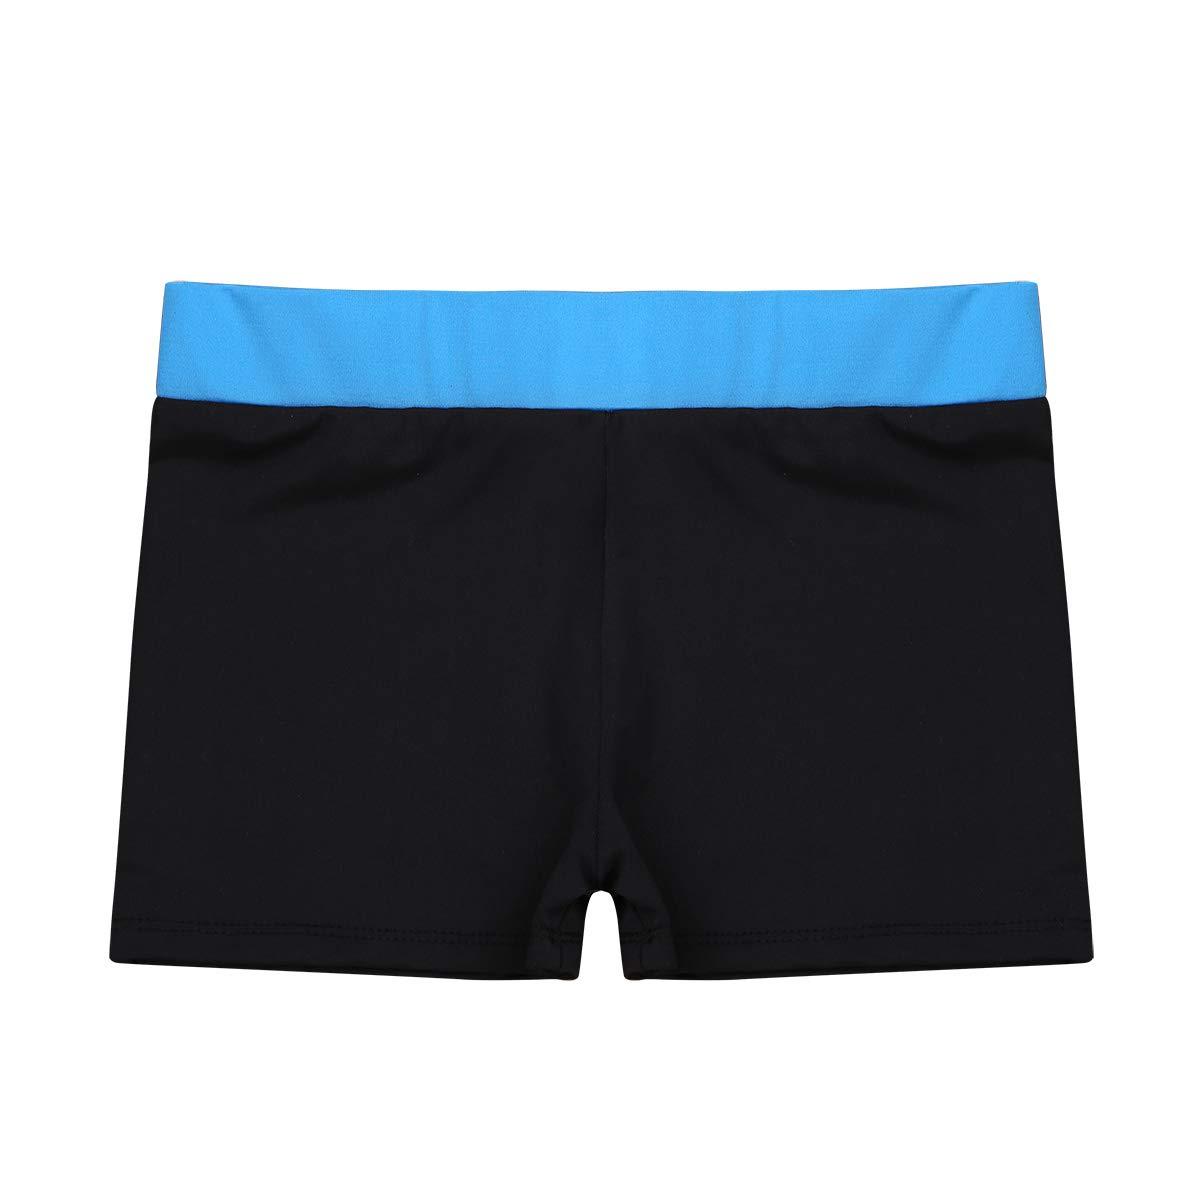 CHICTRY Girls Children Basic Boy Cut Low Rise Short for Dance Sport or Under Dress/Skirt Shorts Z Blue&Black 5-6